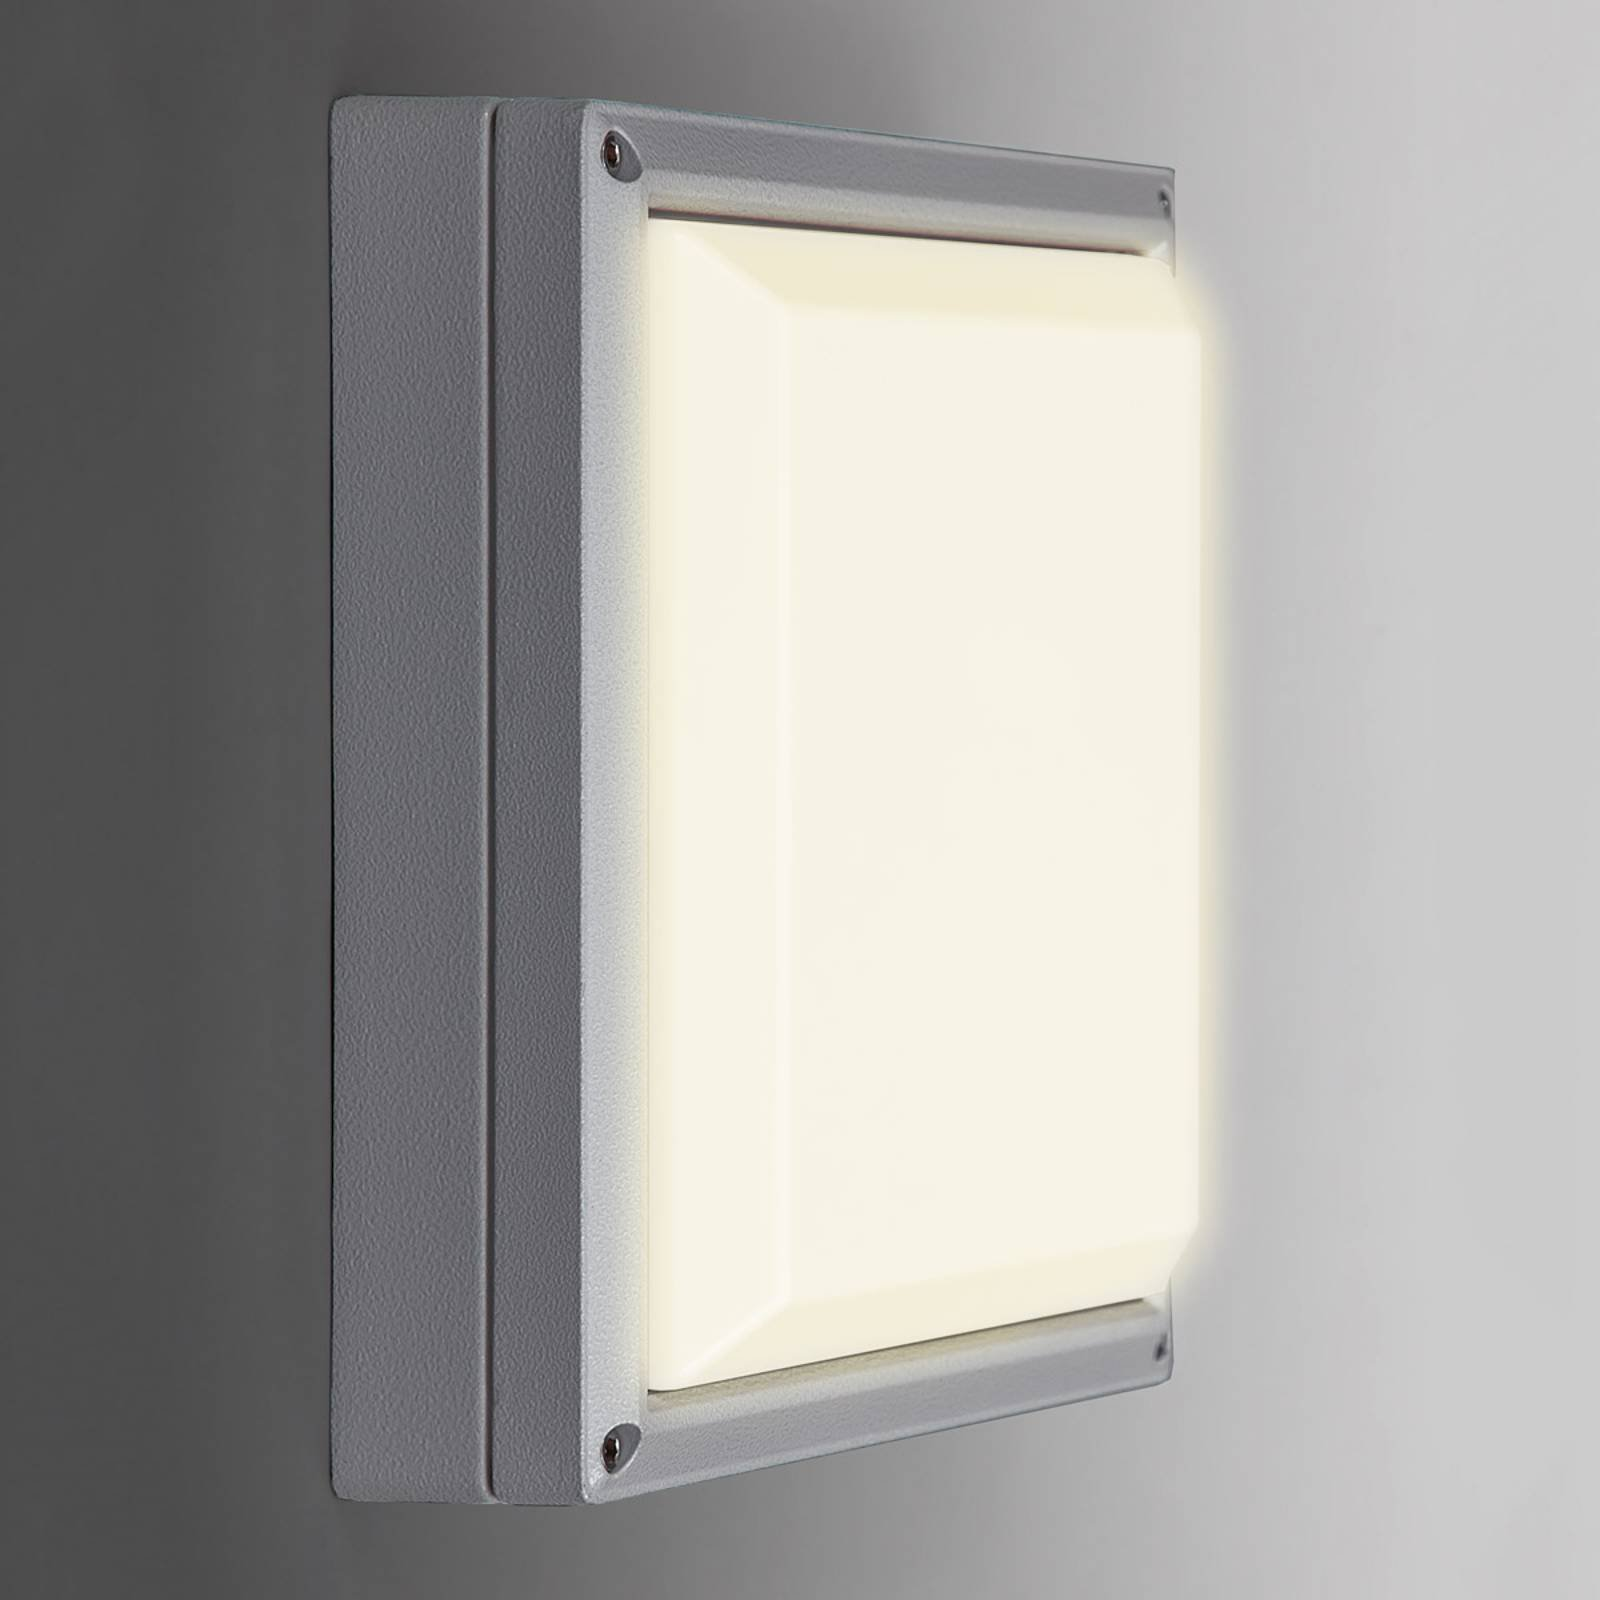 SUN 11 LED-vegglampe i lysegrått med 13 W og 3 K